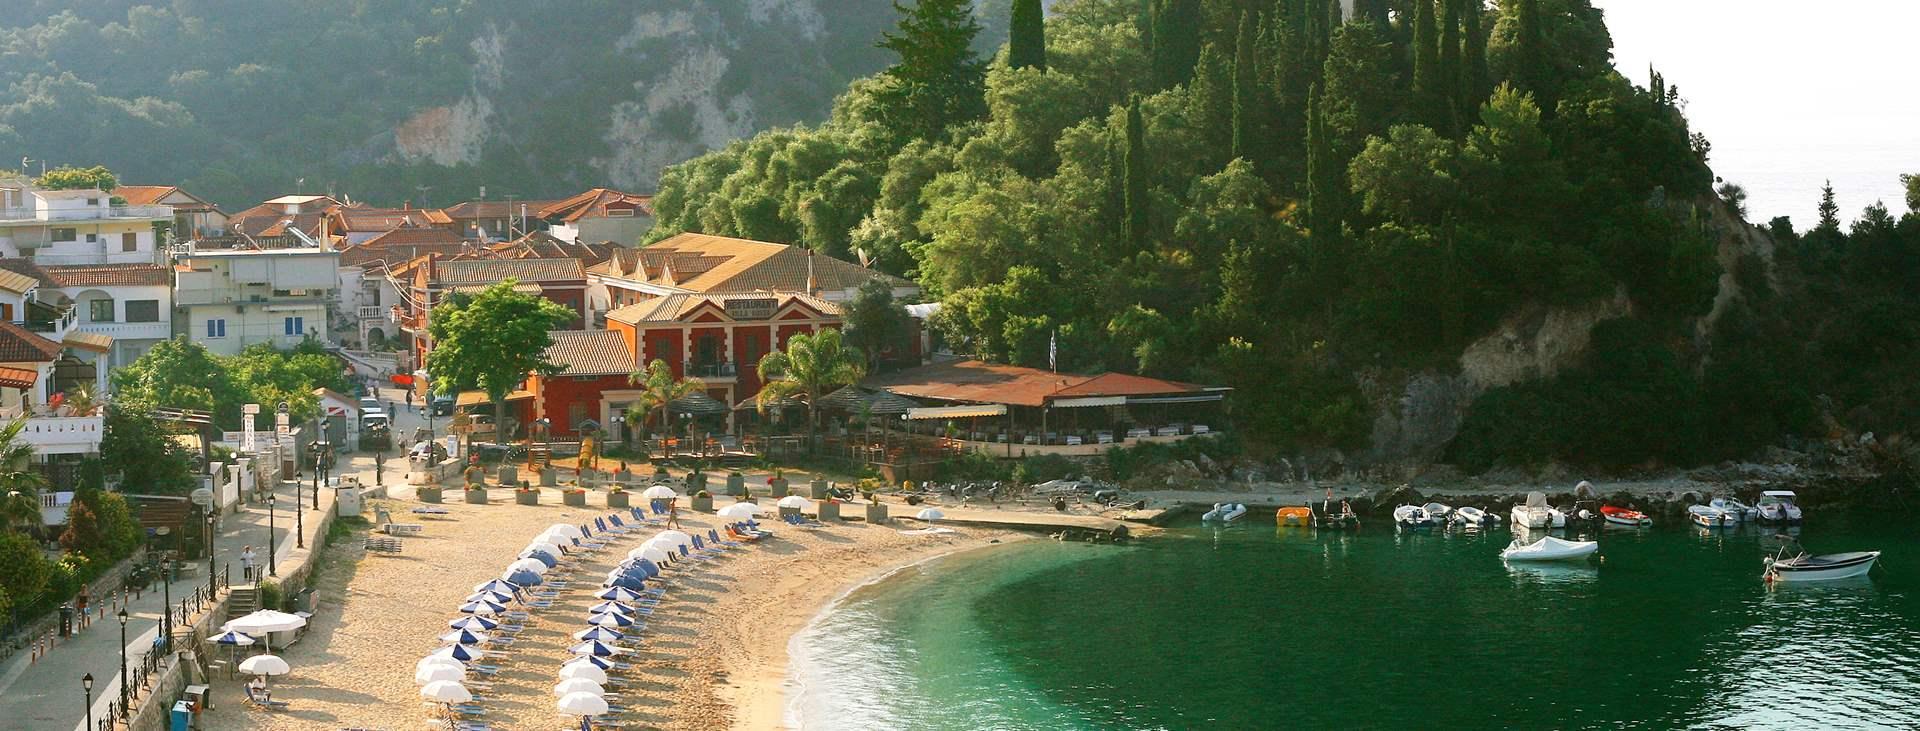 Bestill en reise til Parga i Hellas med Ving